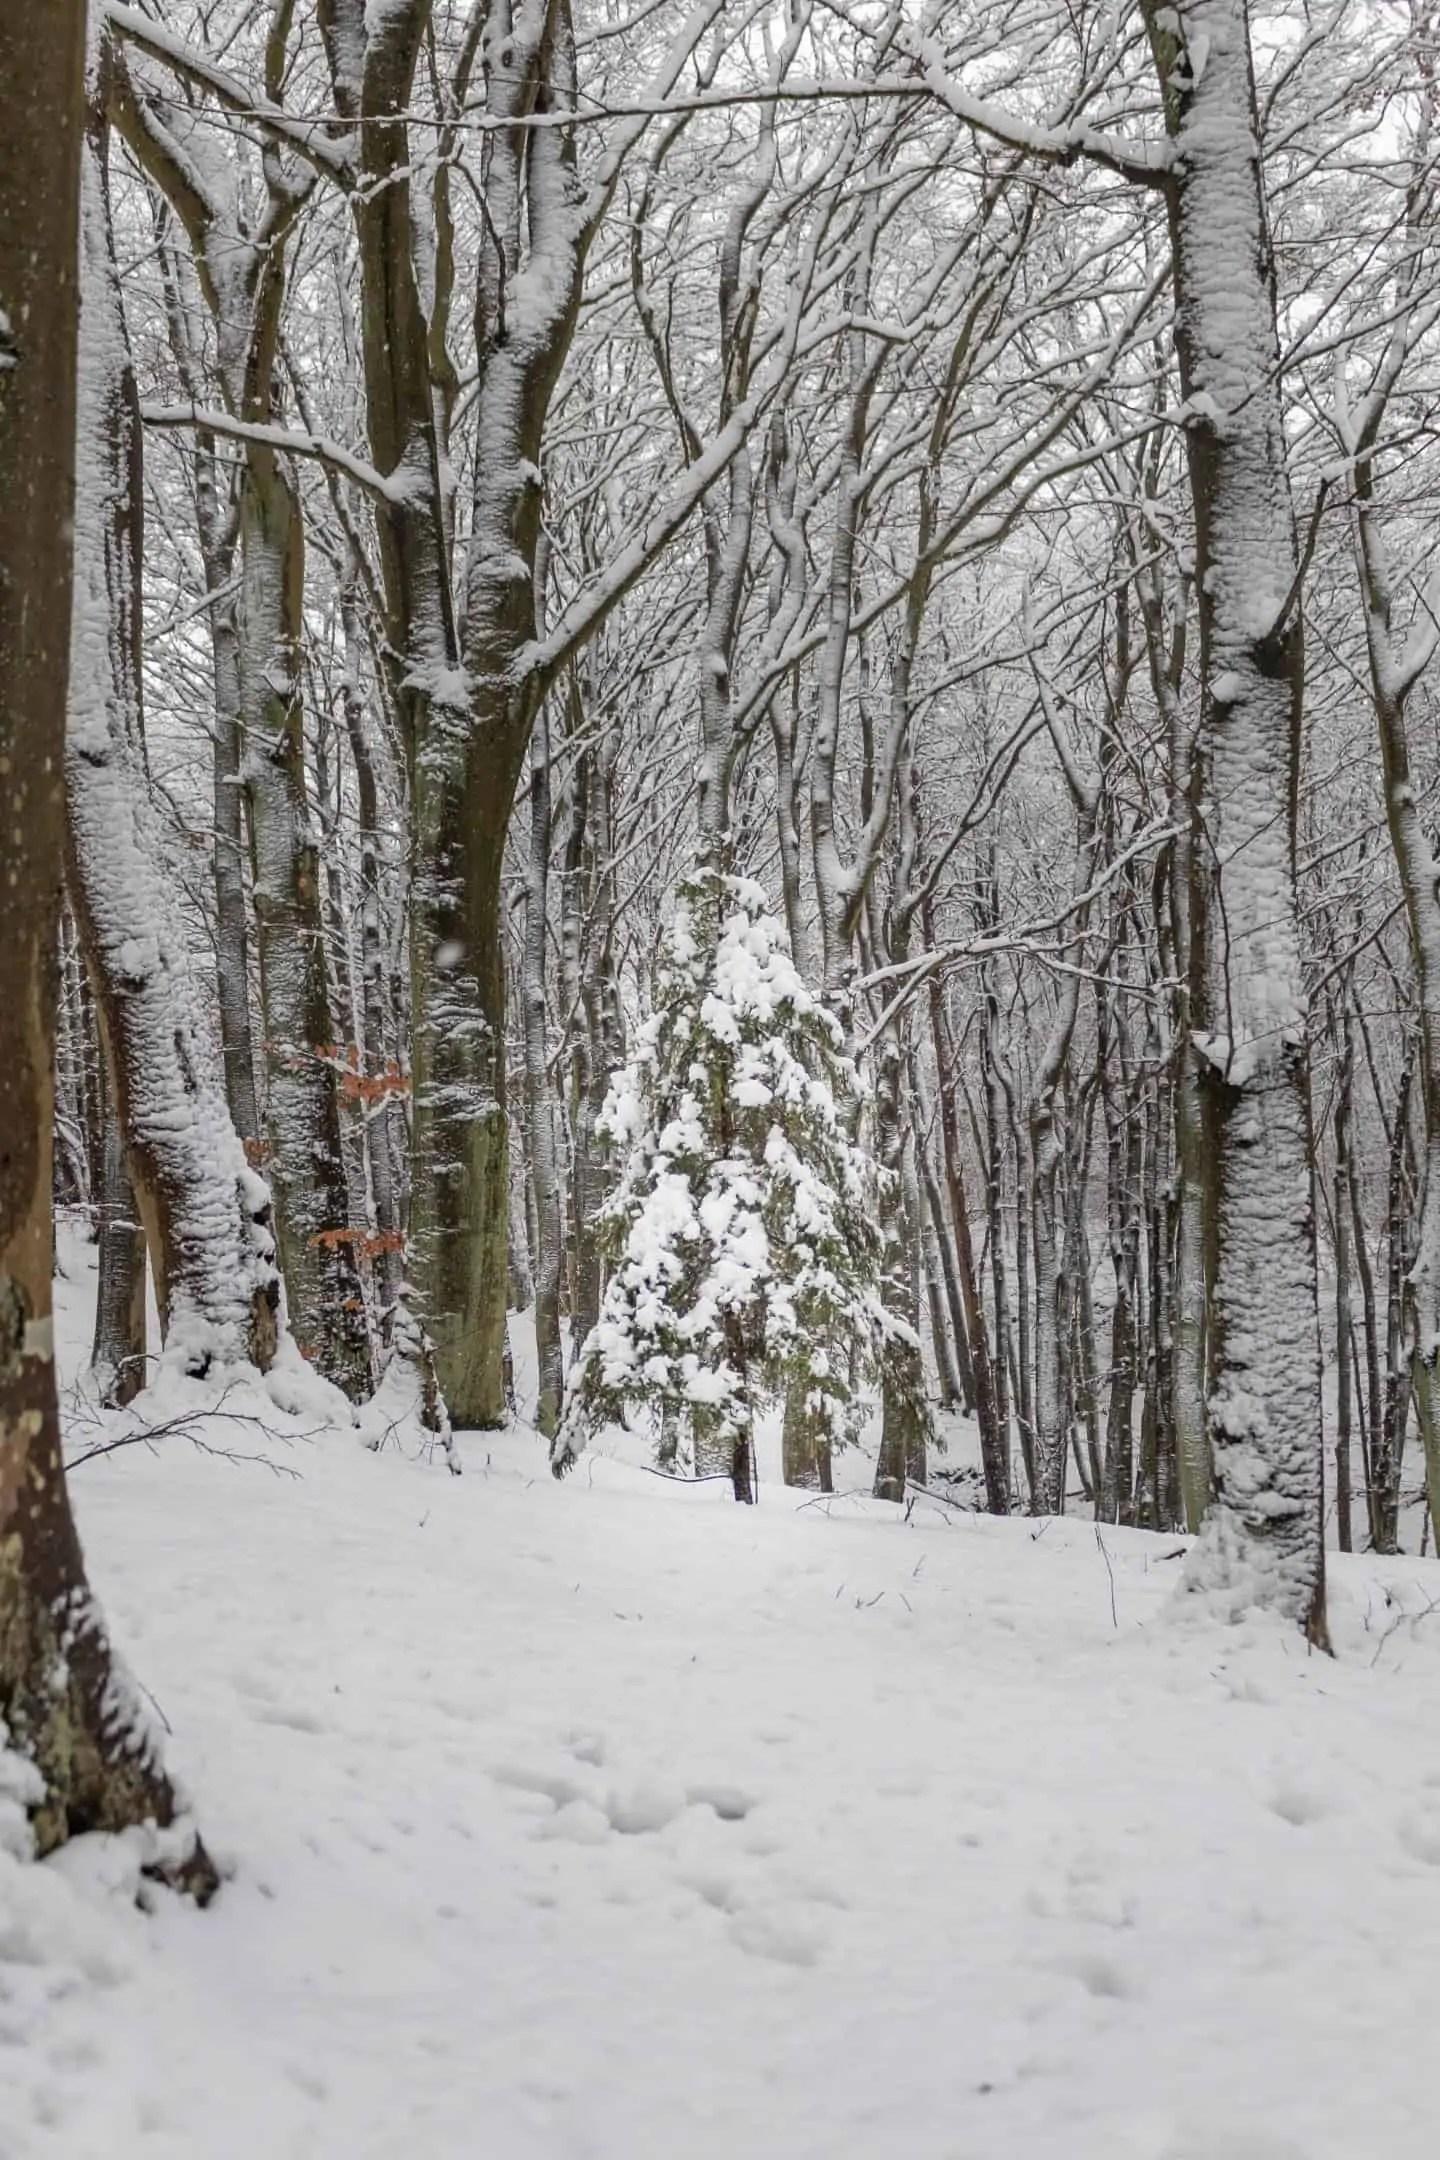 Zimowy krajobraz w Gdansku Kielpinek Park Krajobrazowy 17 - Rękawiczki fotograficzne pgytech - 5 ważnych zalet